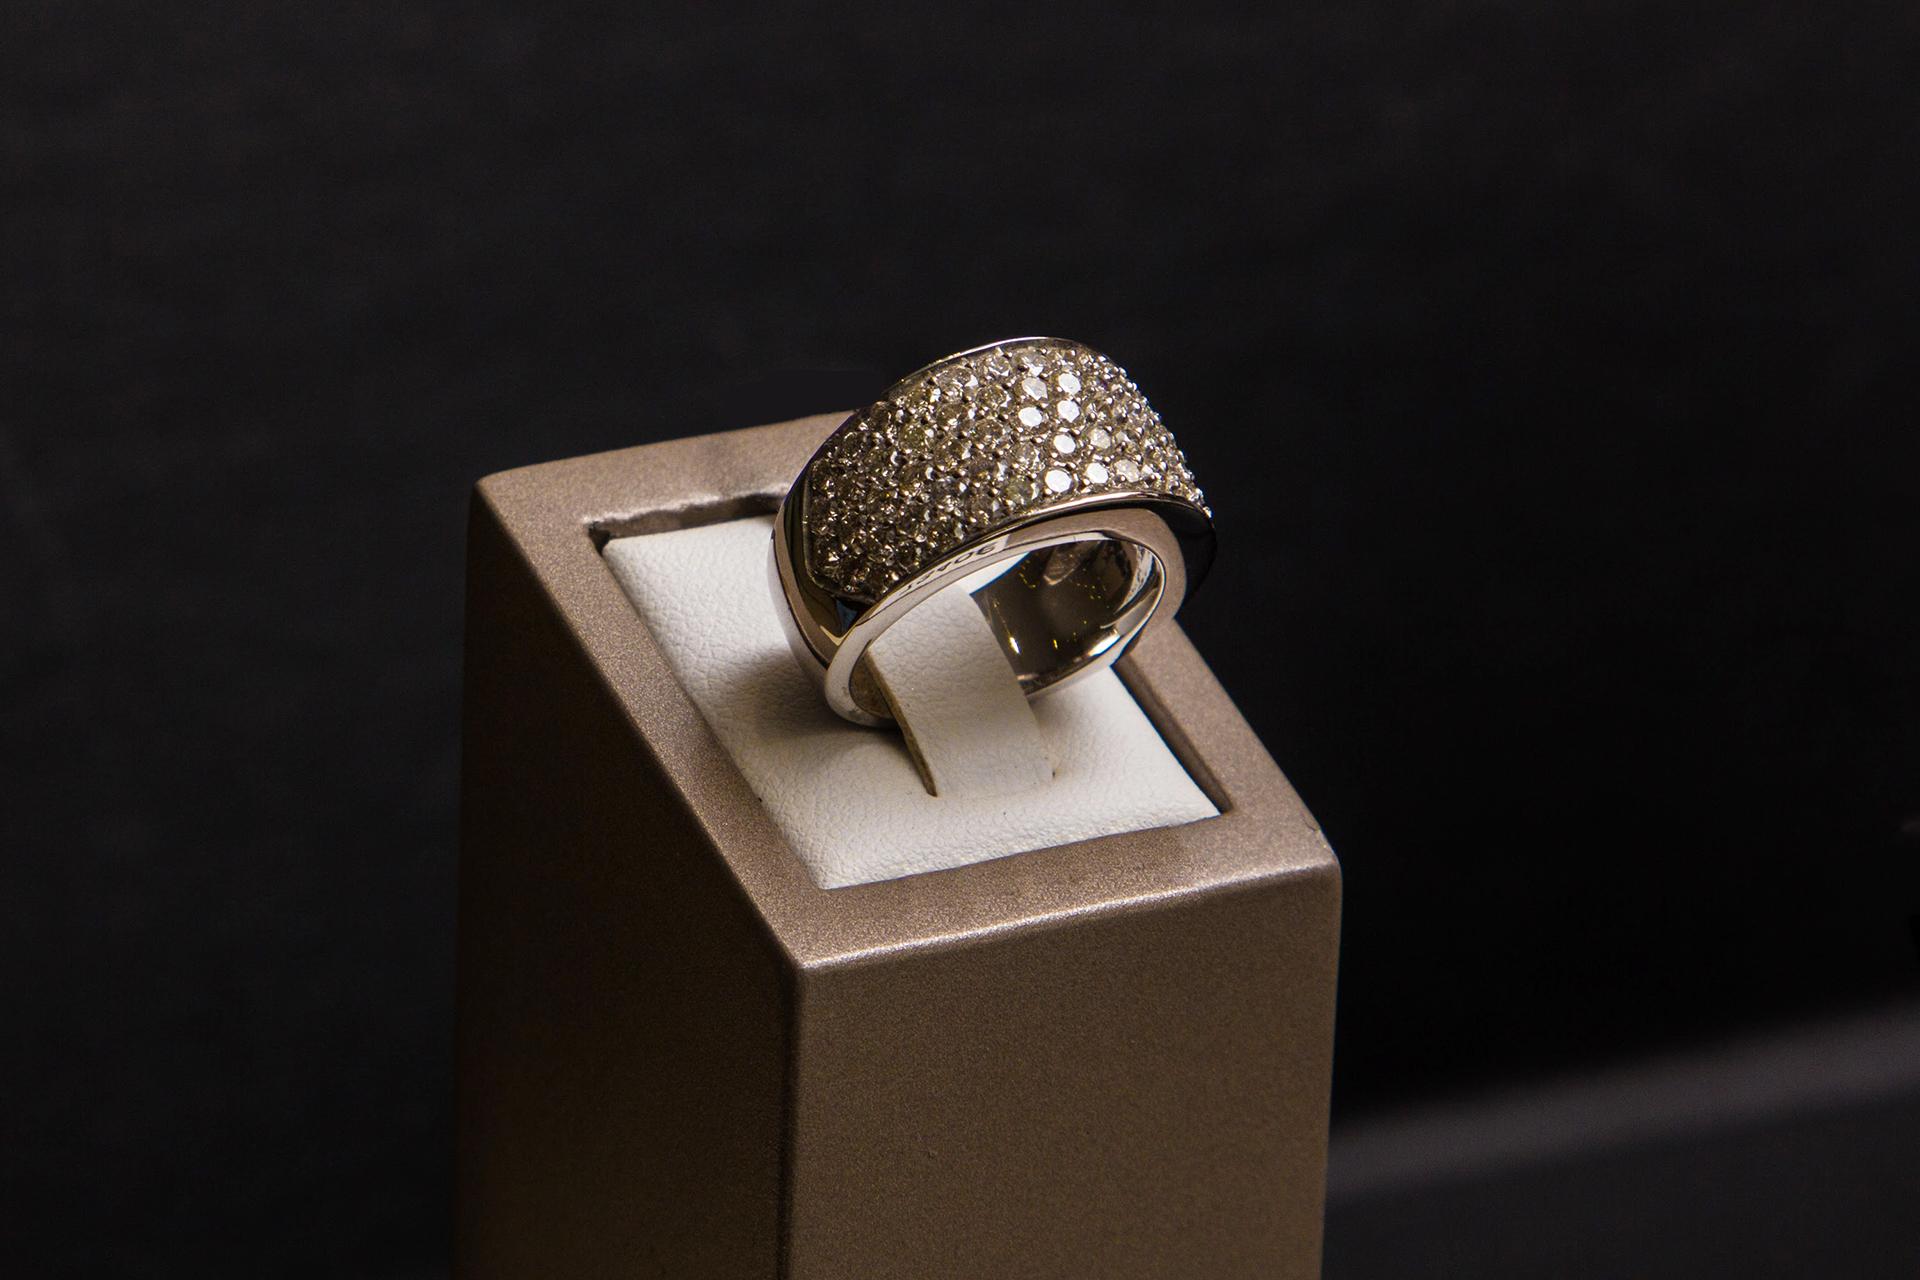 bijouterie-verneau-bague-or-diamand-bijoux-fashion-style-fantaisie-bijoutier-toulon-la-garde-var